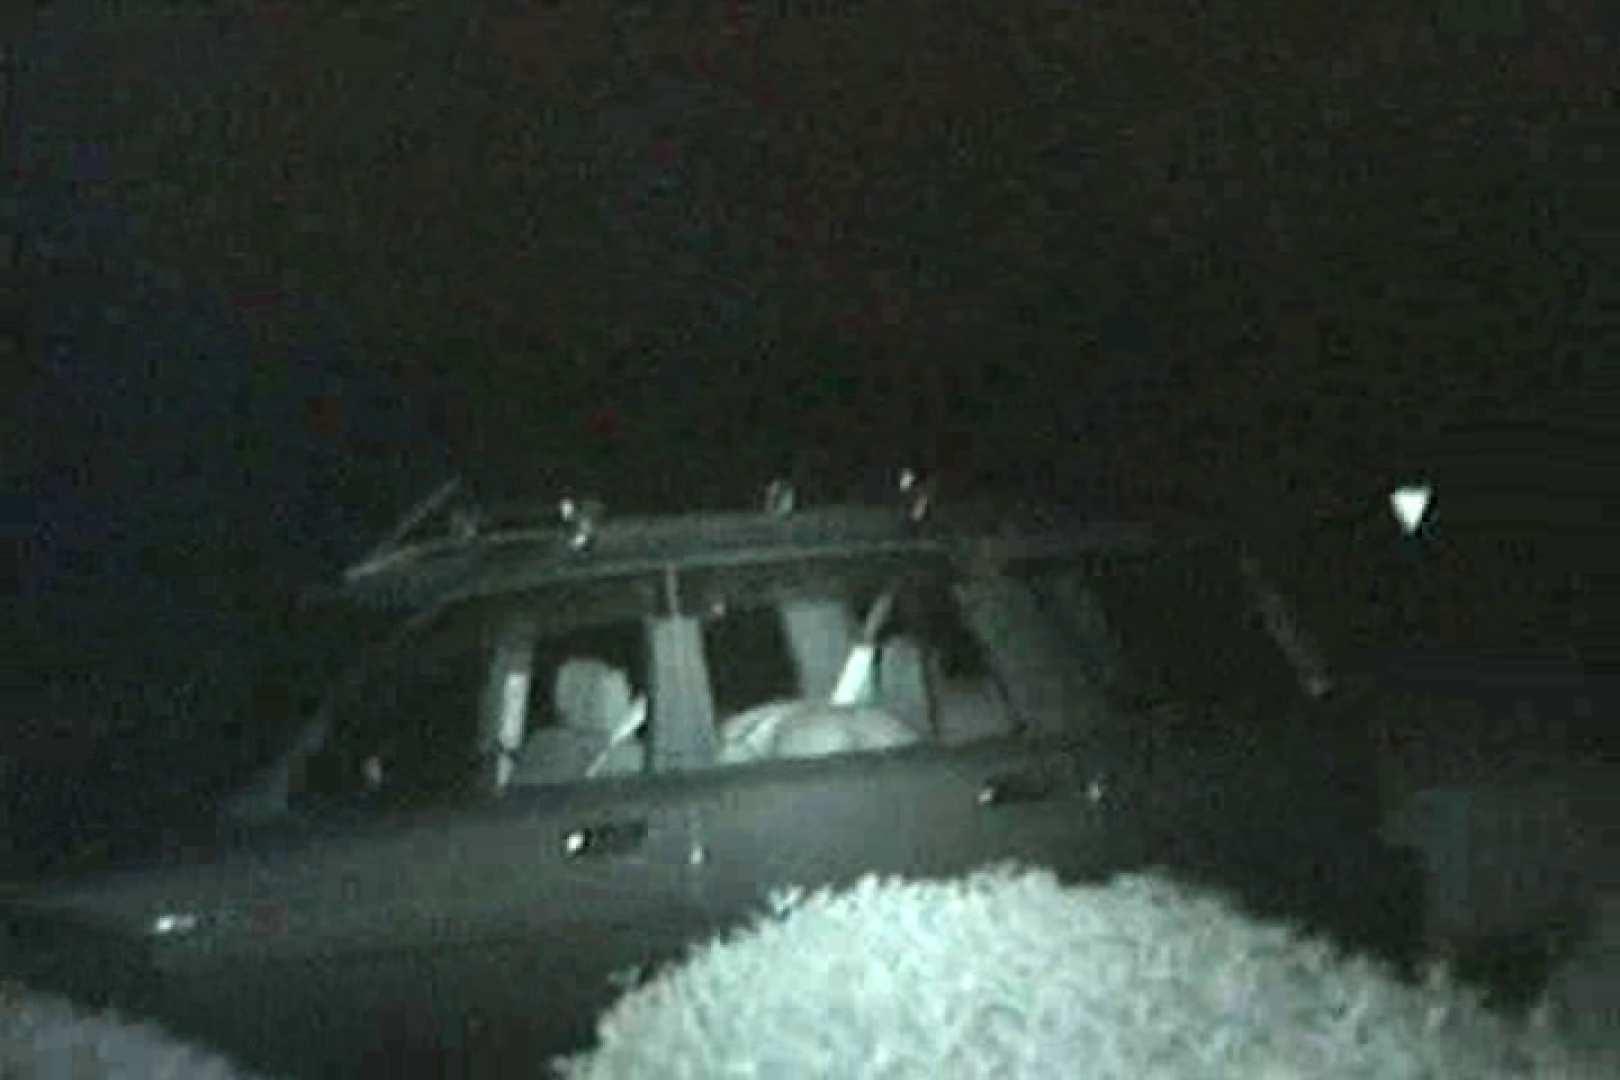 車の中はラブホテル 無修正版  Vol.24 OLの実態 盗撮オメコ無修正動画無料 56pic 44